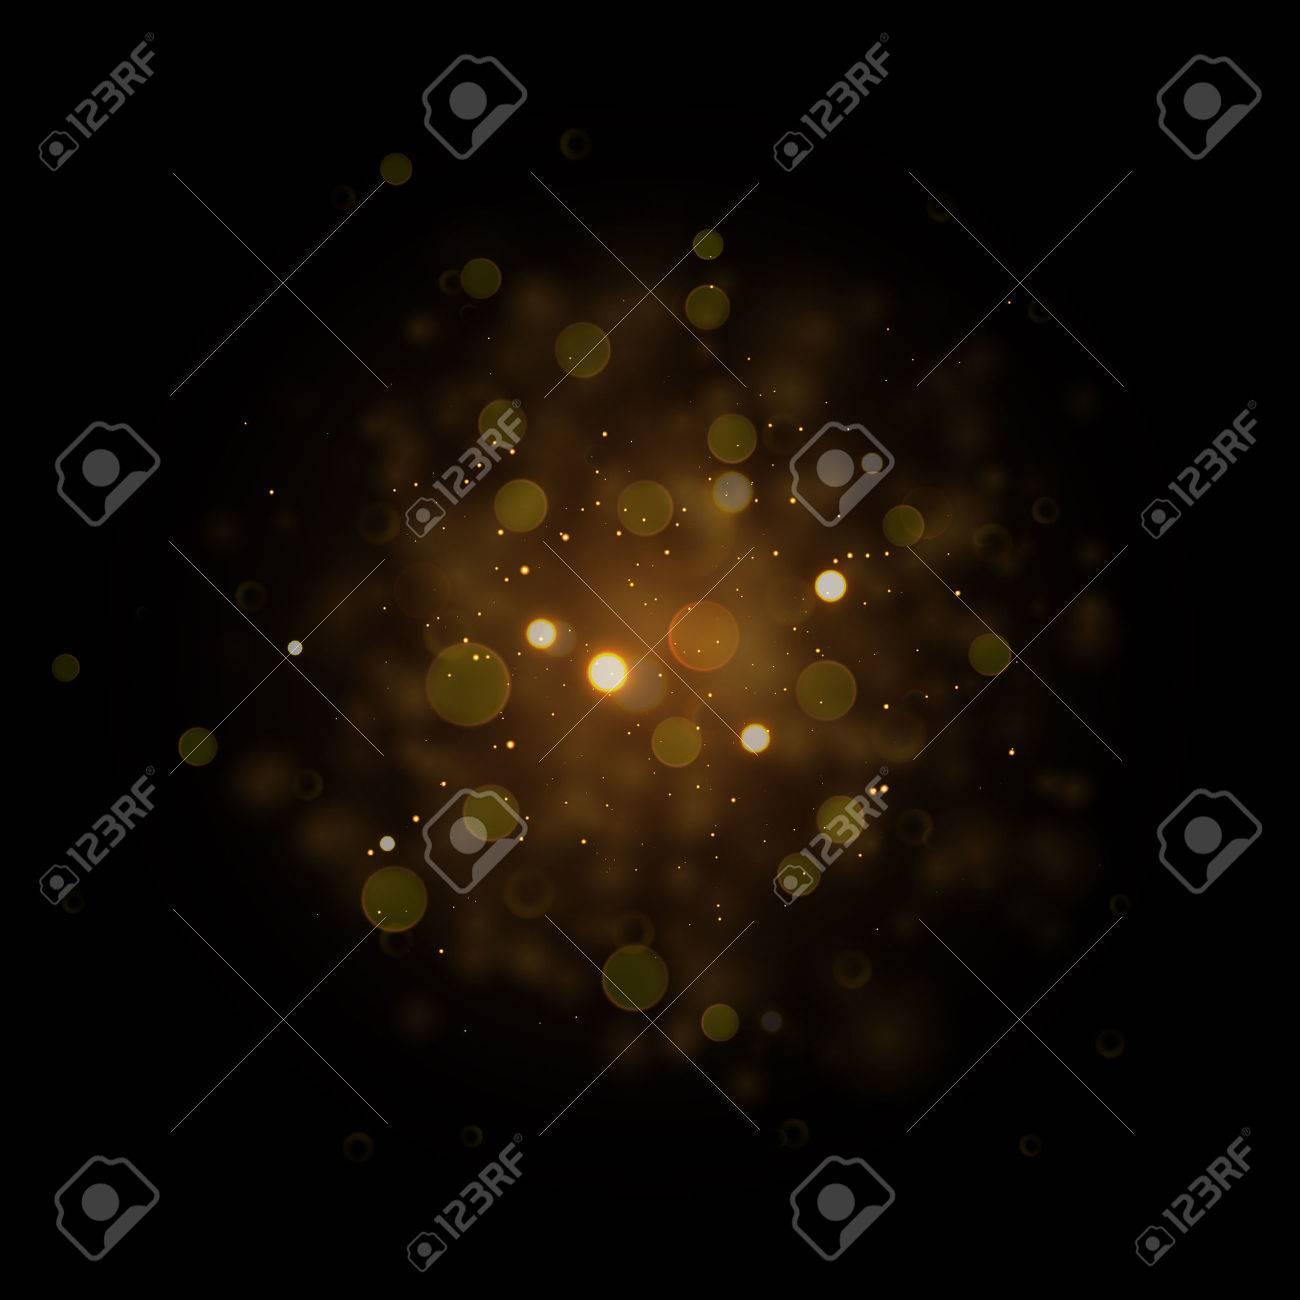 おしゃれな星レンズ フレア輝く空間。暗黒宇宙銀河背景に粒子を輝く